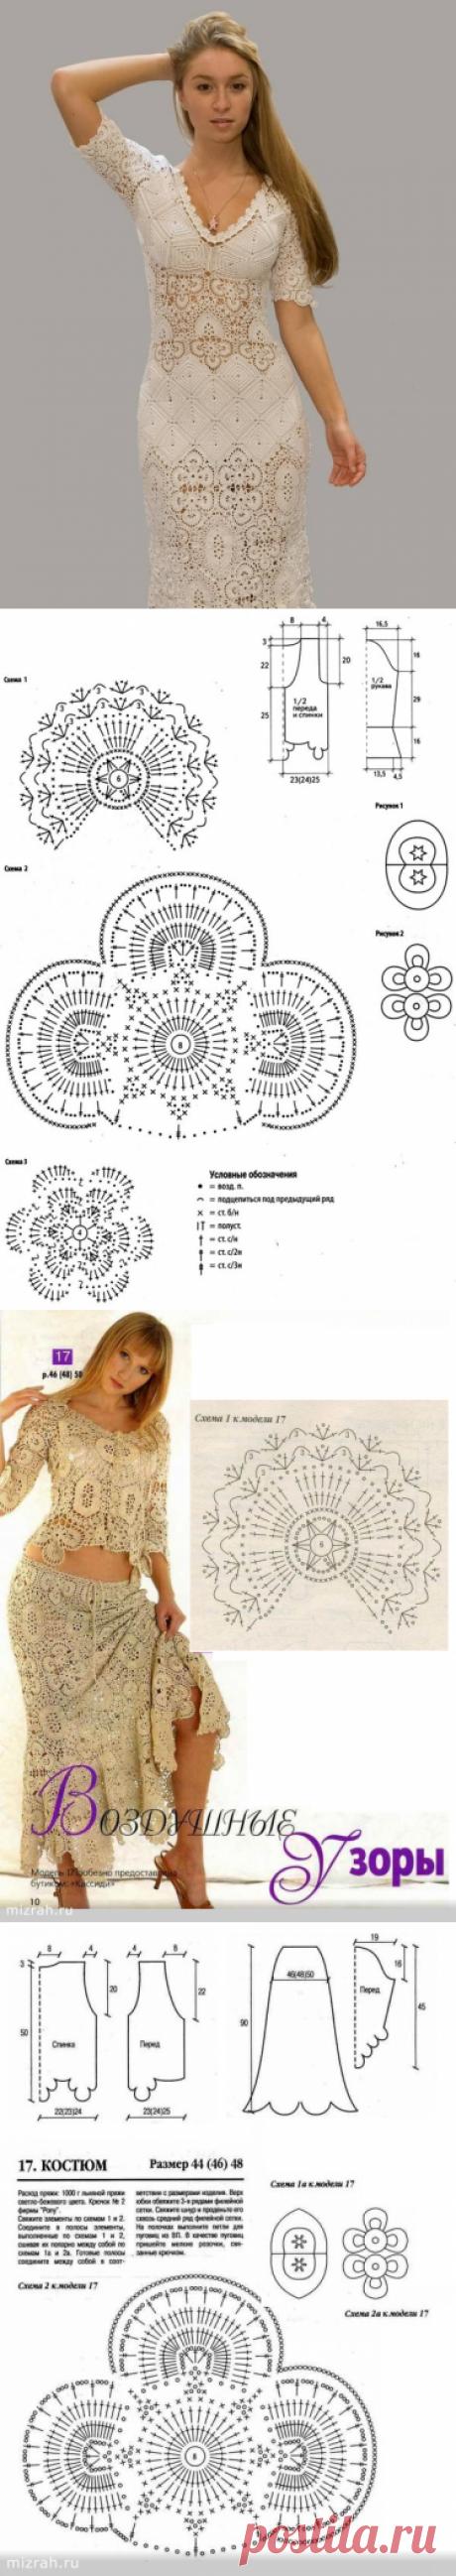 Платье в технике ирландского кружева. Ленточное кружево крючком платье |